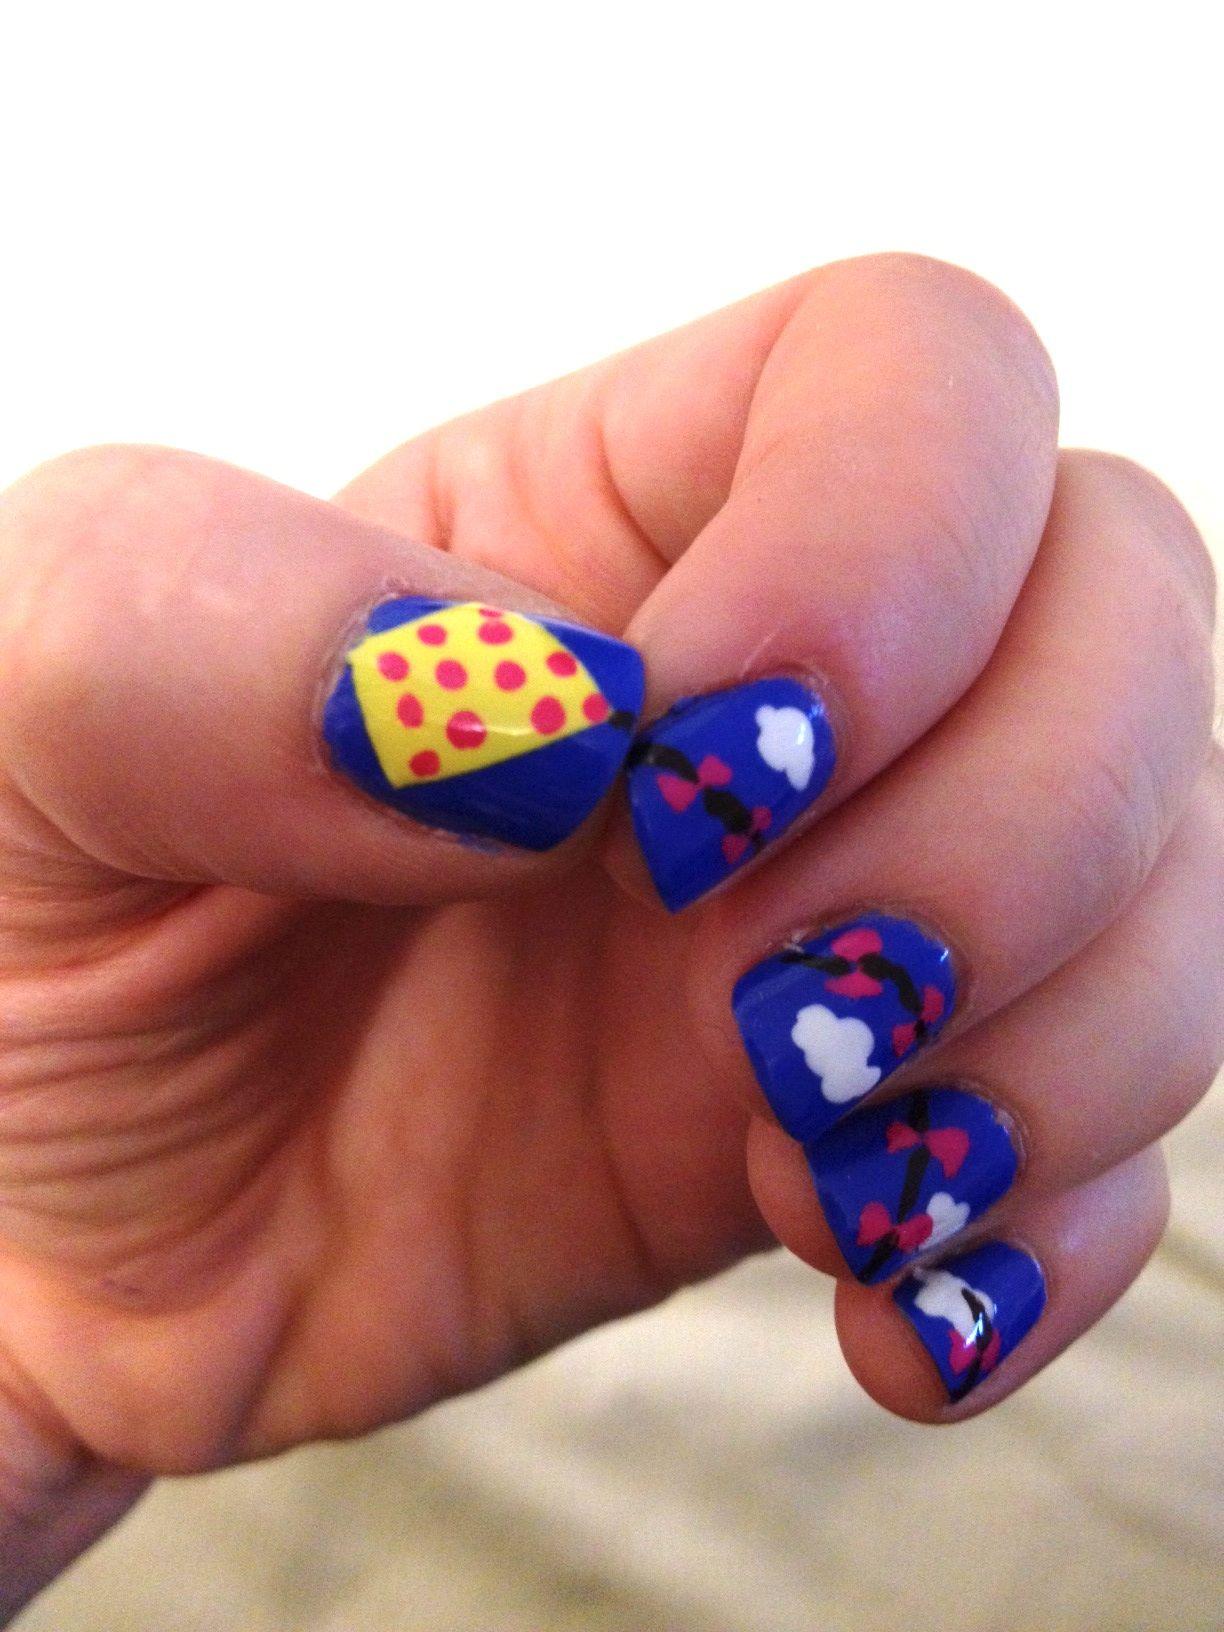 Kite nails! | Don\'t bite your NAILS | Pinterest | Kites and Nail stuff